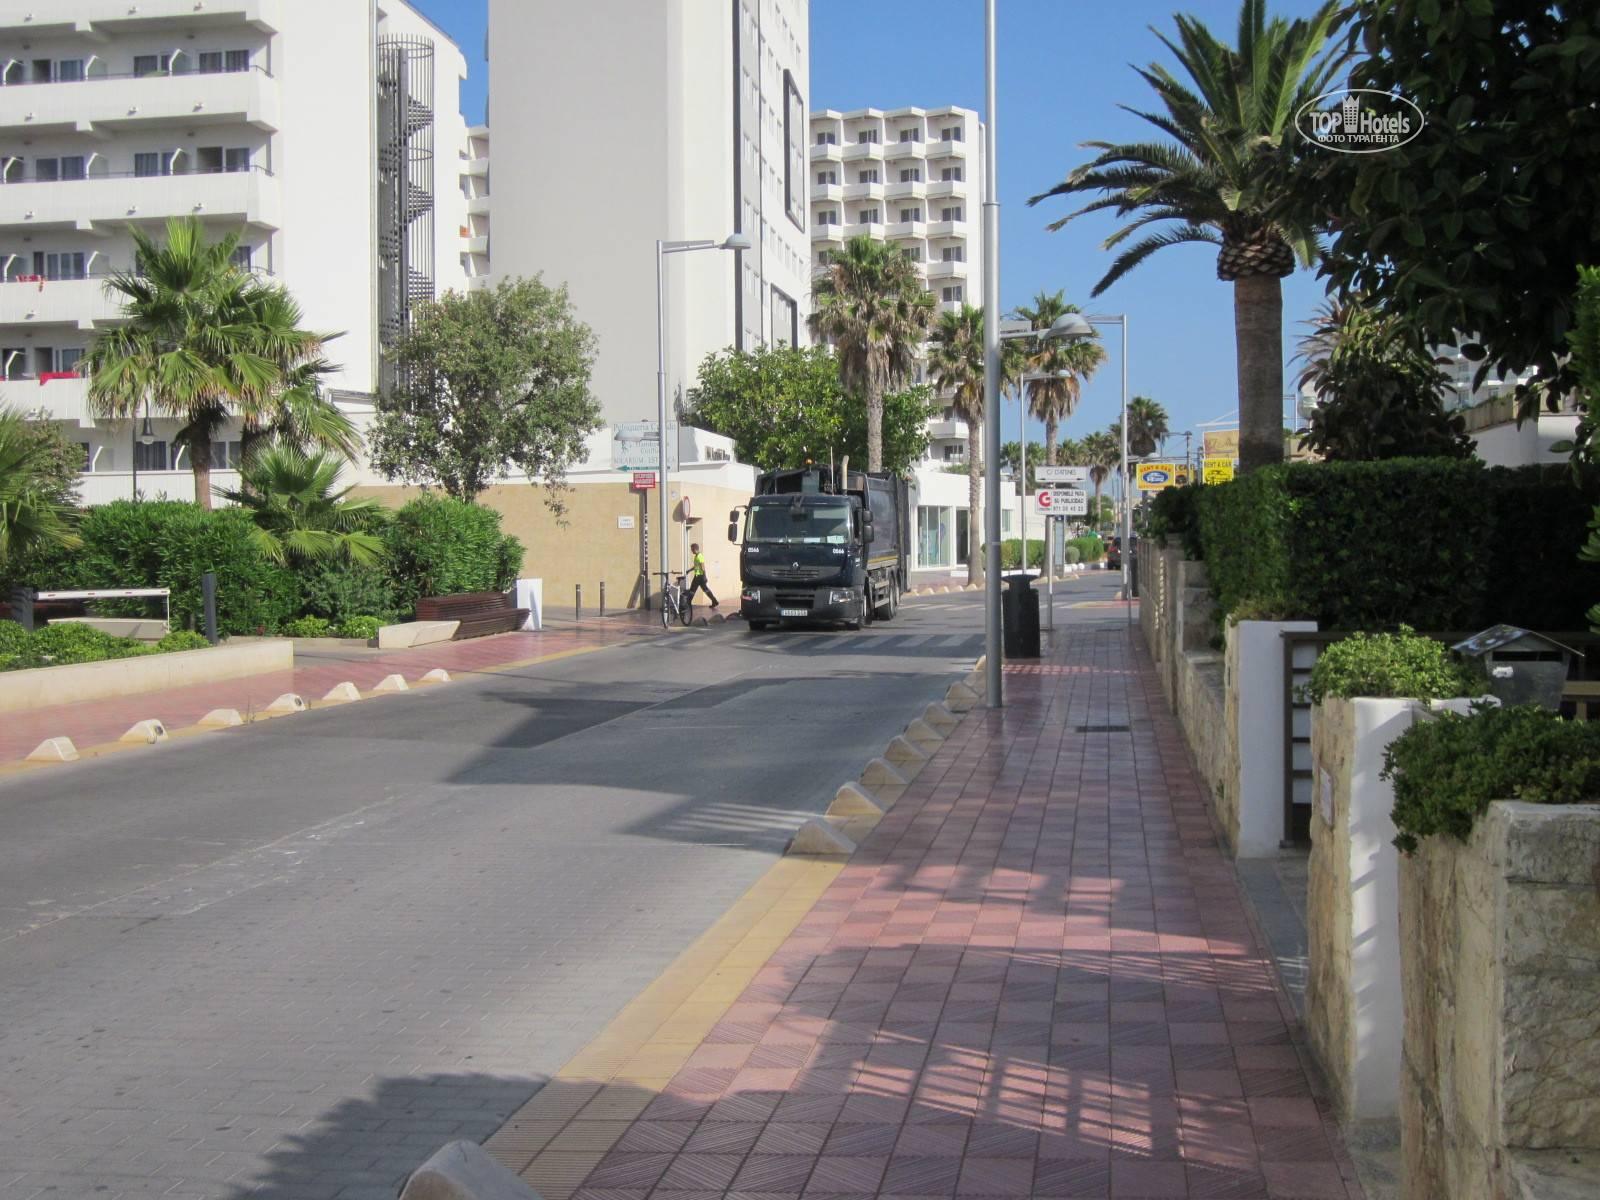 Погода в плайя де пальма в сентябре